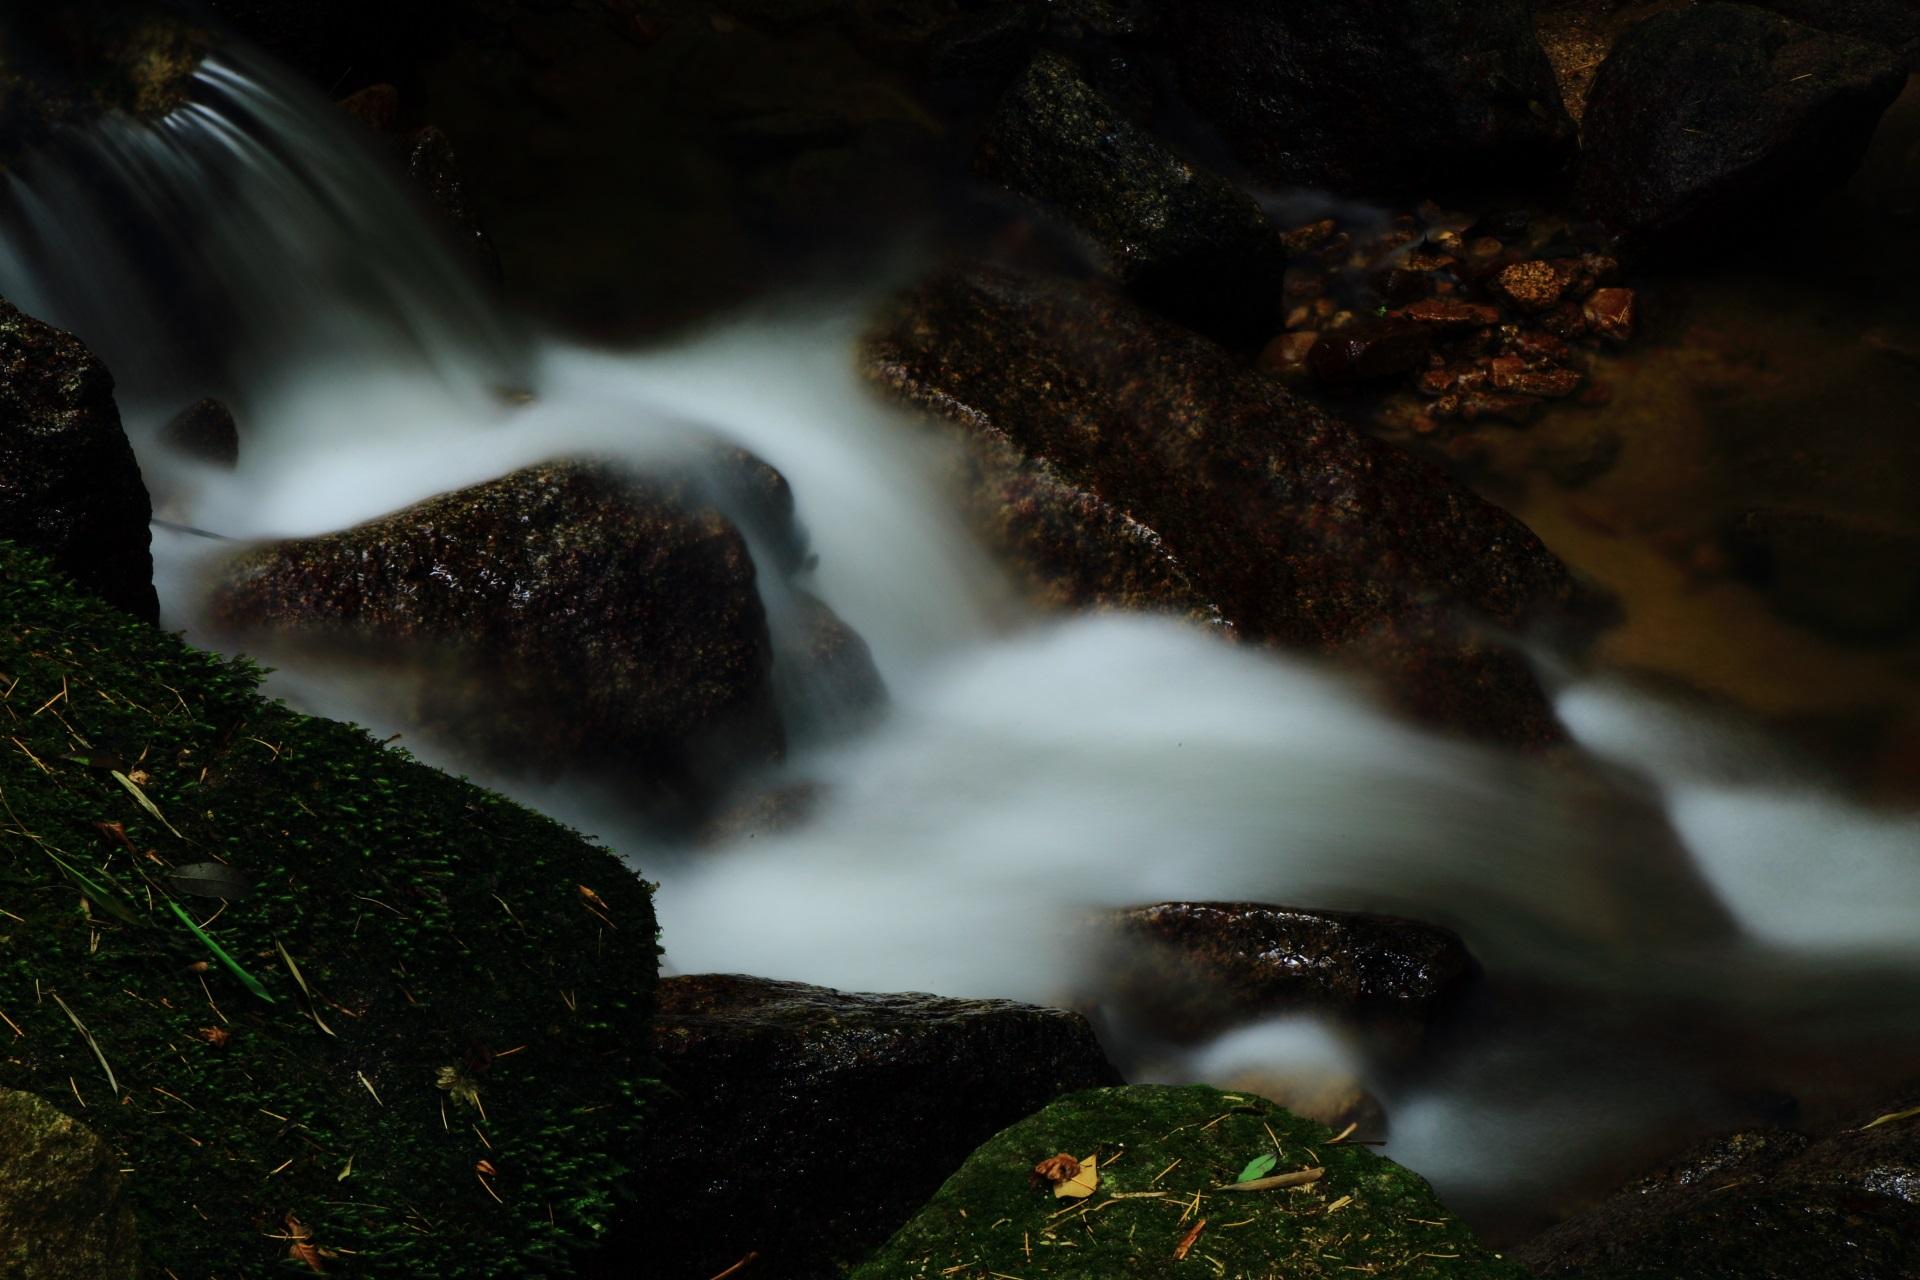 極上の滝と川の流れの景色